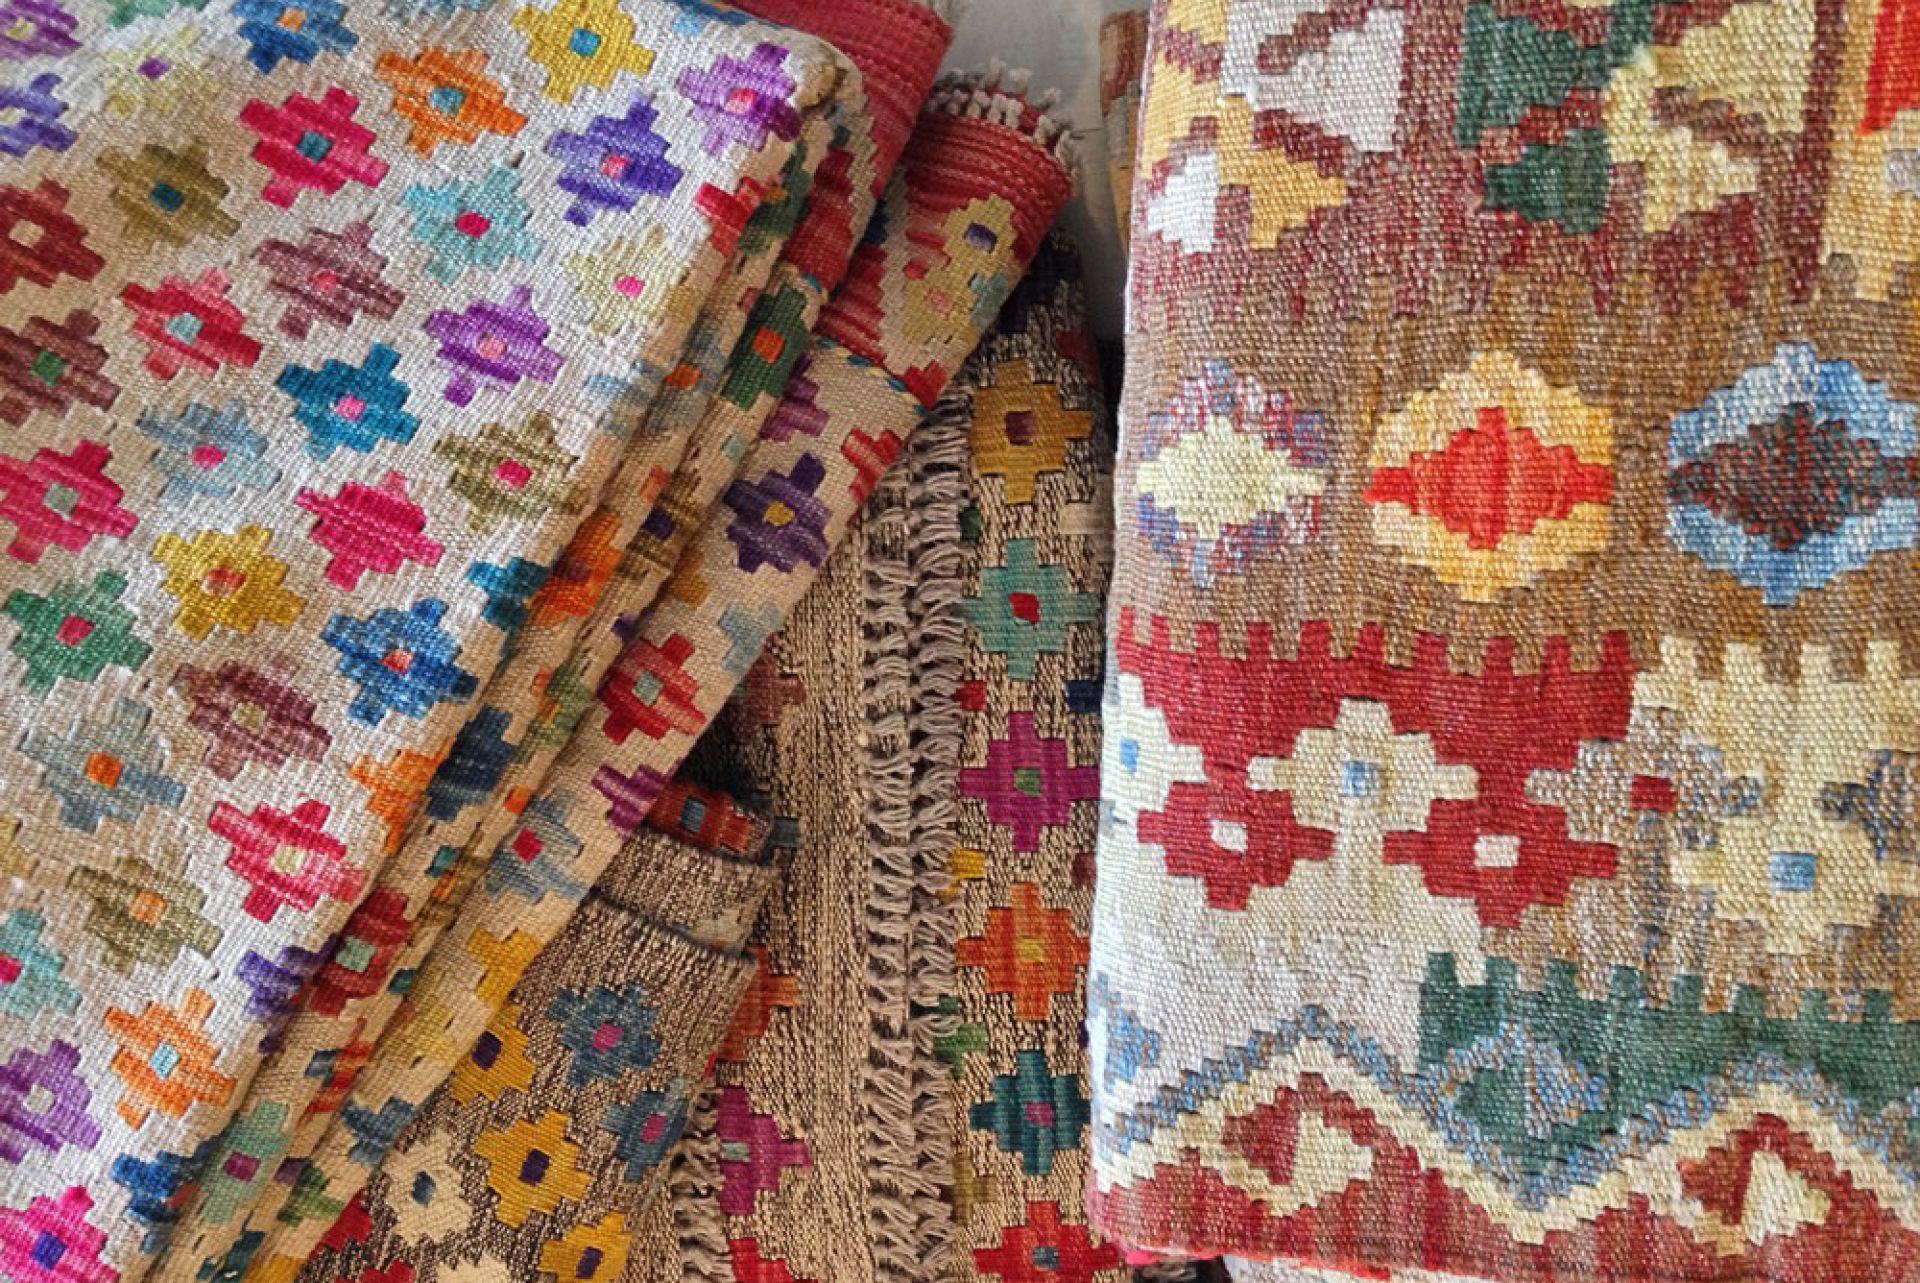 Bazhars con dise os de marca en sus alfombras - Marcas de alfombras ...